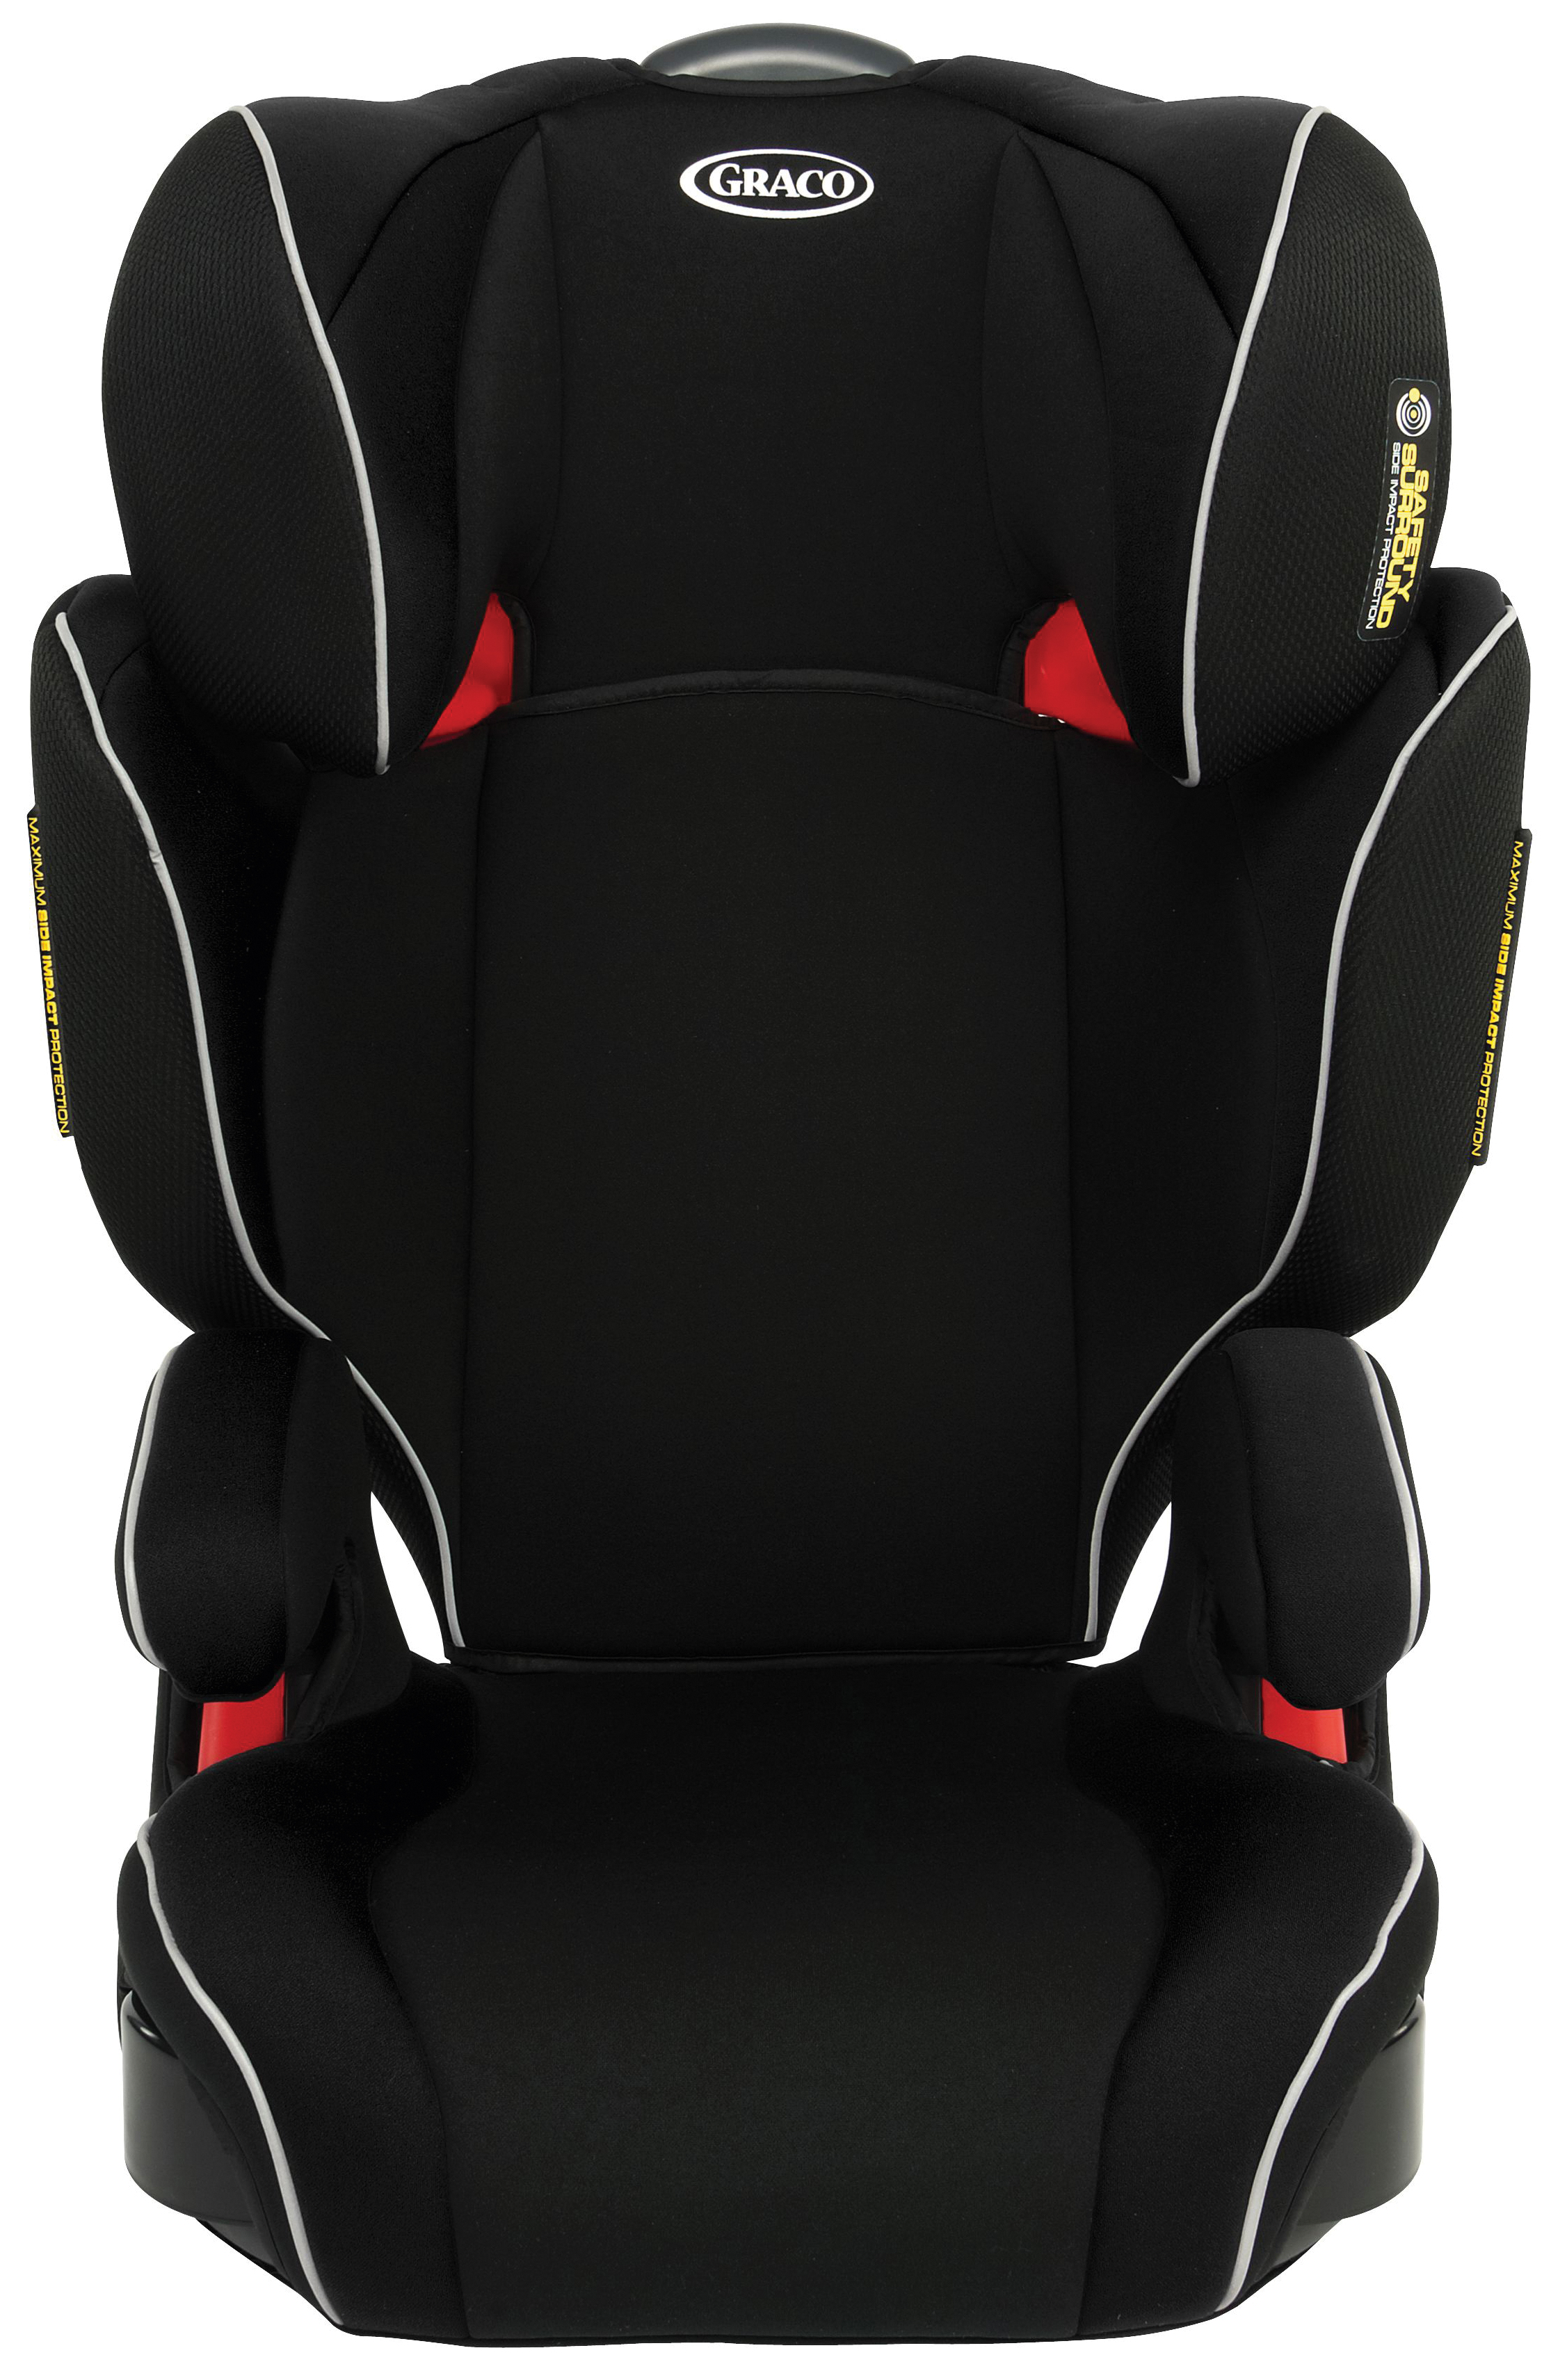 Graco Assure Sport Luxe Autostol 2 stk. på lager